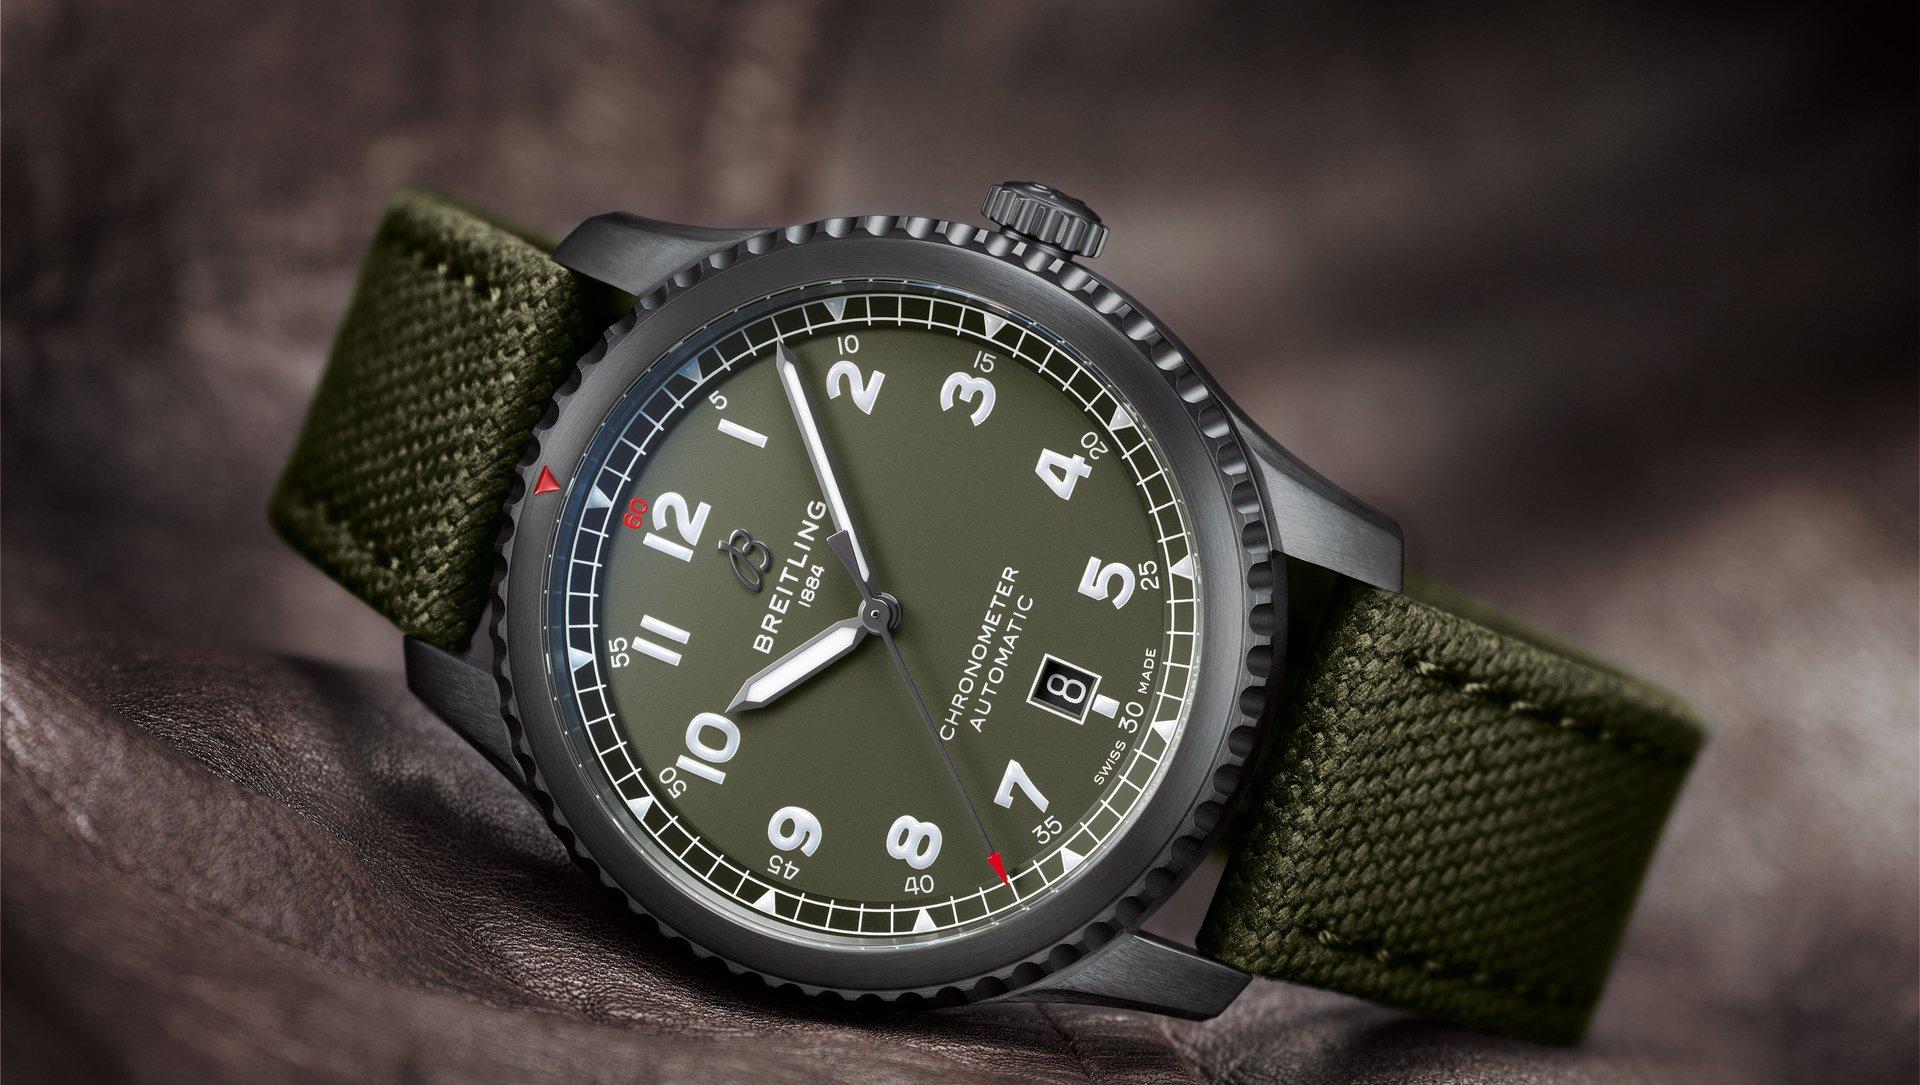 Naziv: 10_aviator-8-automatic-41-curtiss-warhawk_20834_15-02-19.jpg, pregleda: 172, veličina: 273,1 KB